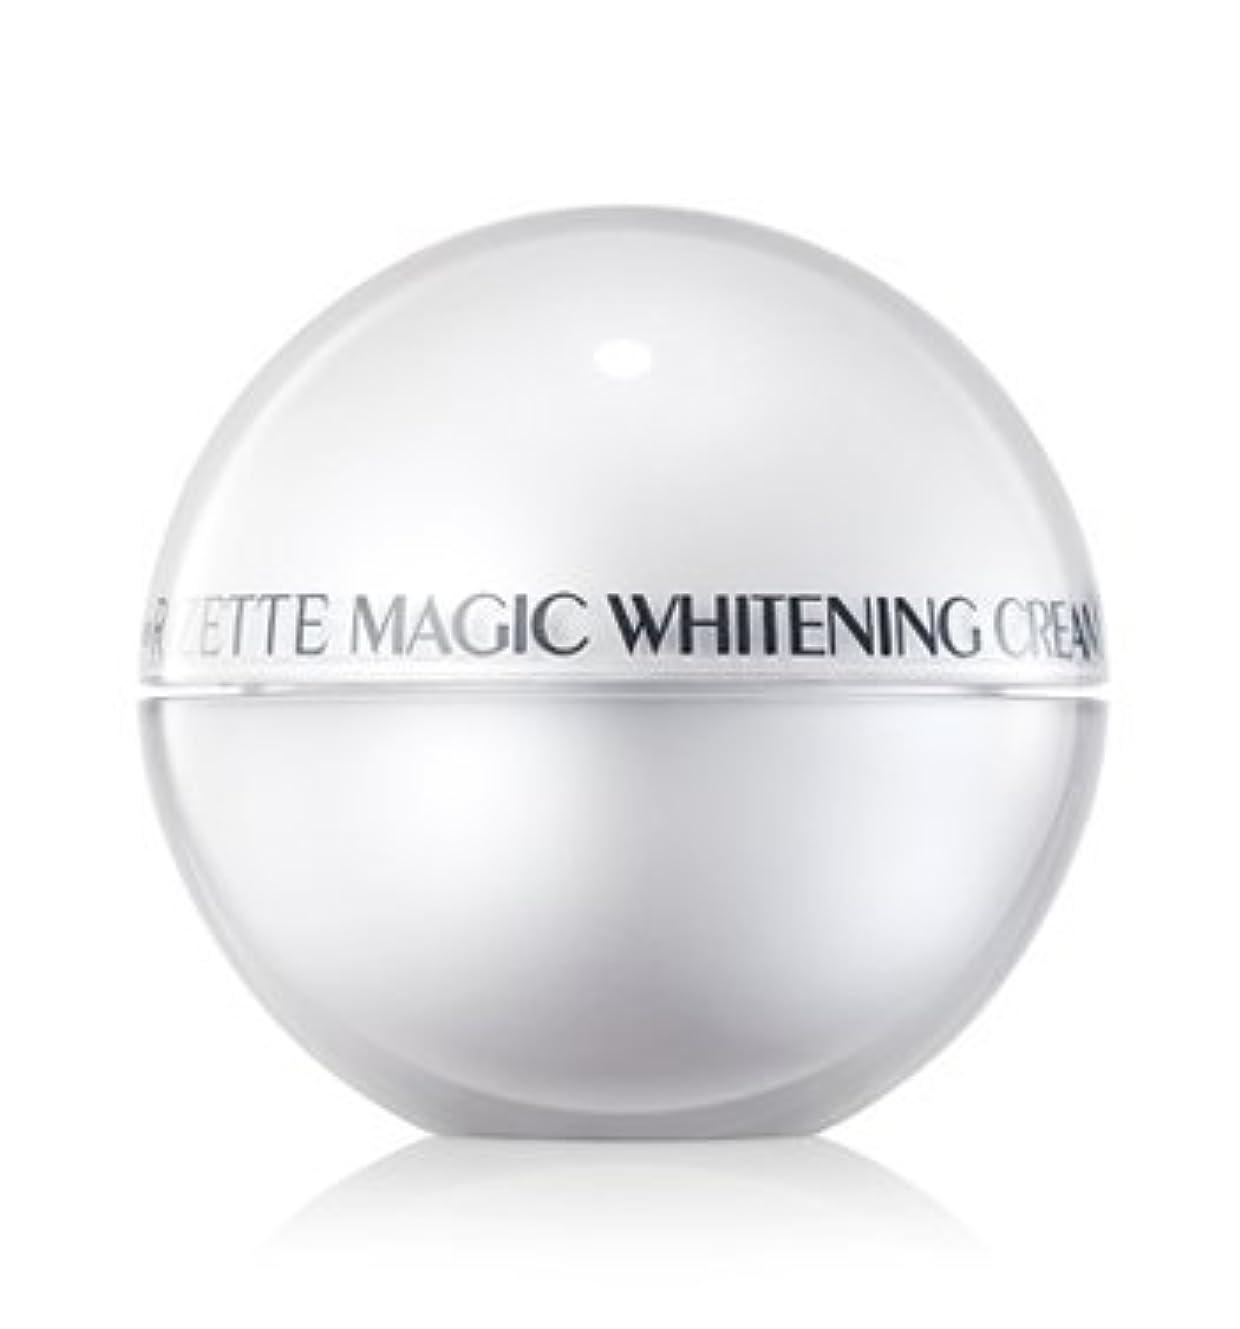 考古学者予知雰囲気リオエリ(Lioele) Rizette マジック ホワイトニング クリーム プラス/ Lioele Rizette Magic Whitening Cream Plus[並行輸入品]